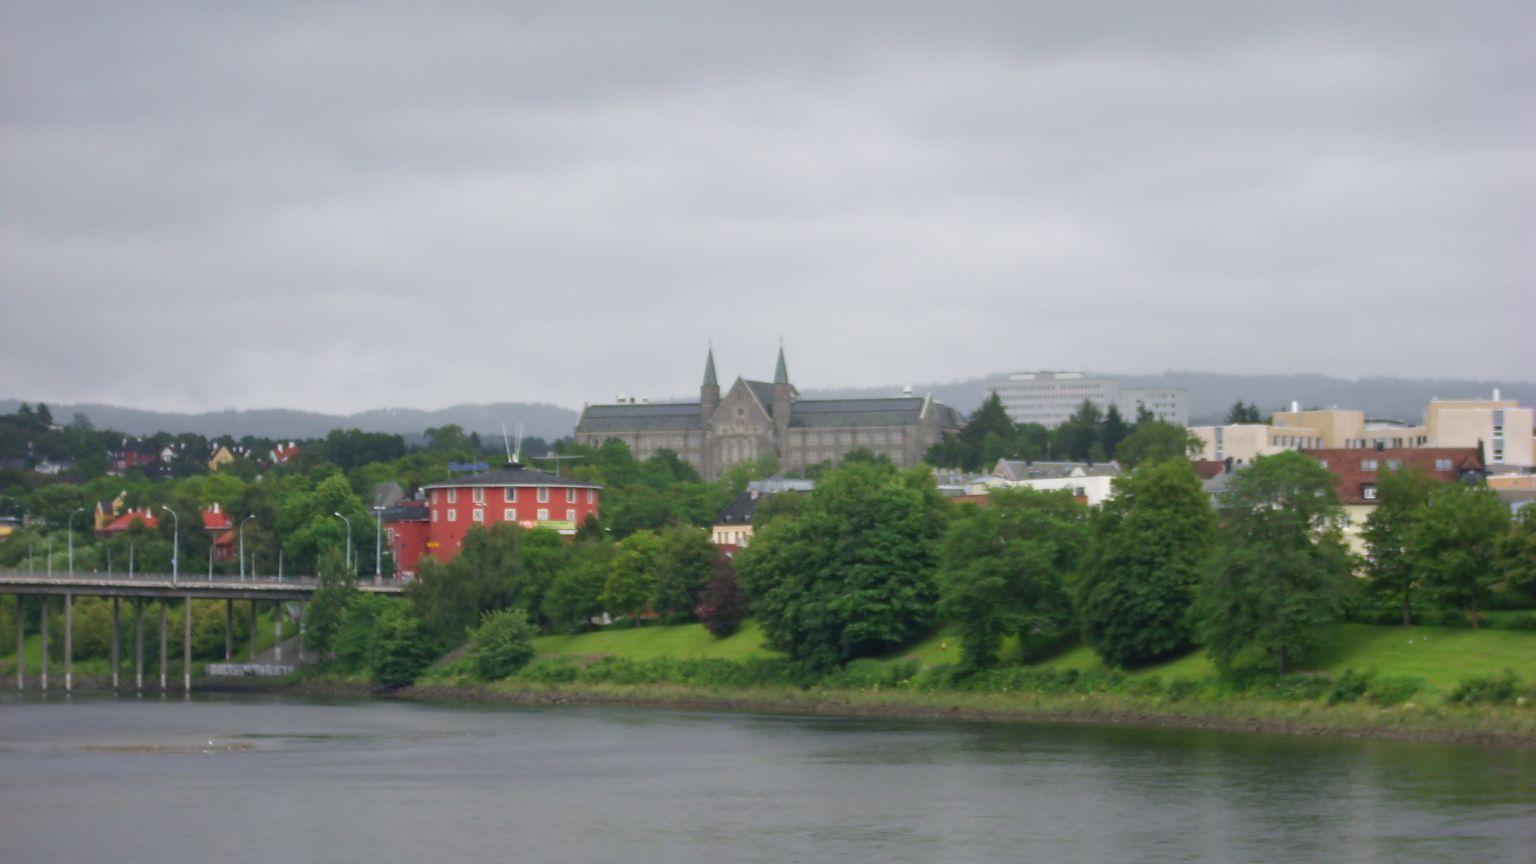 Grad pored rijeke